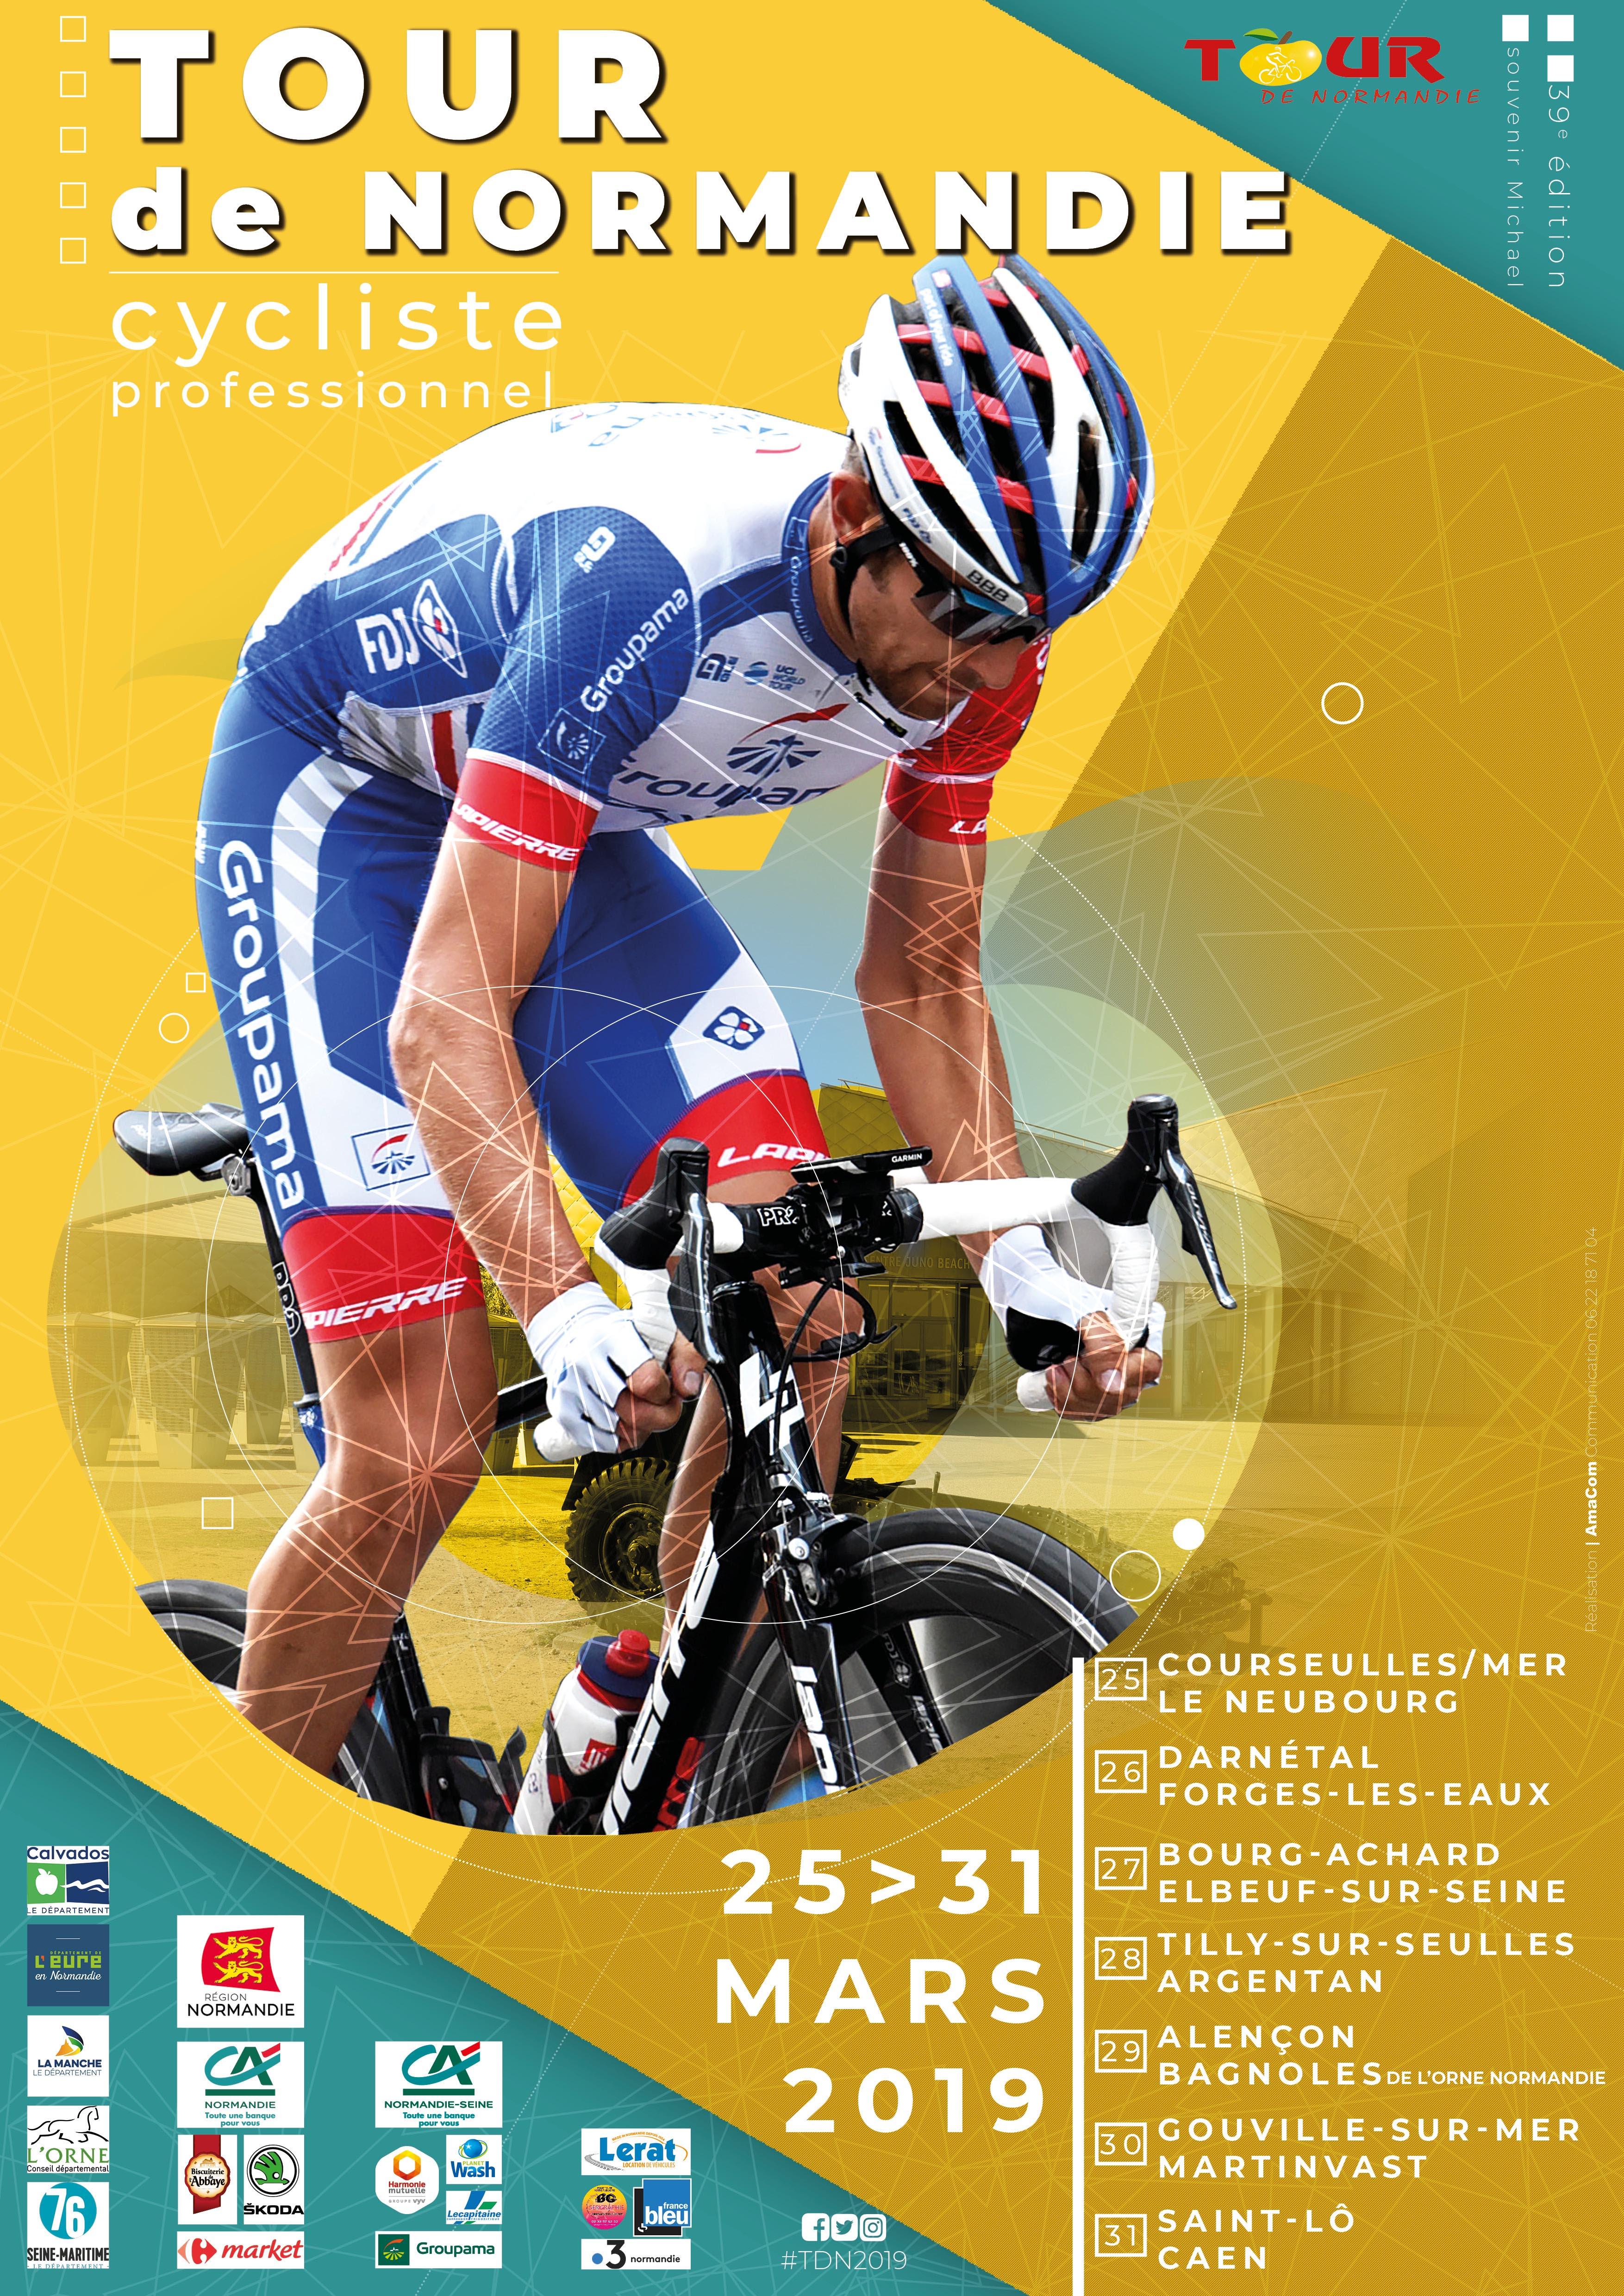 affiche tour de normandie 2019 cyclisme